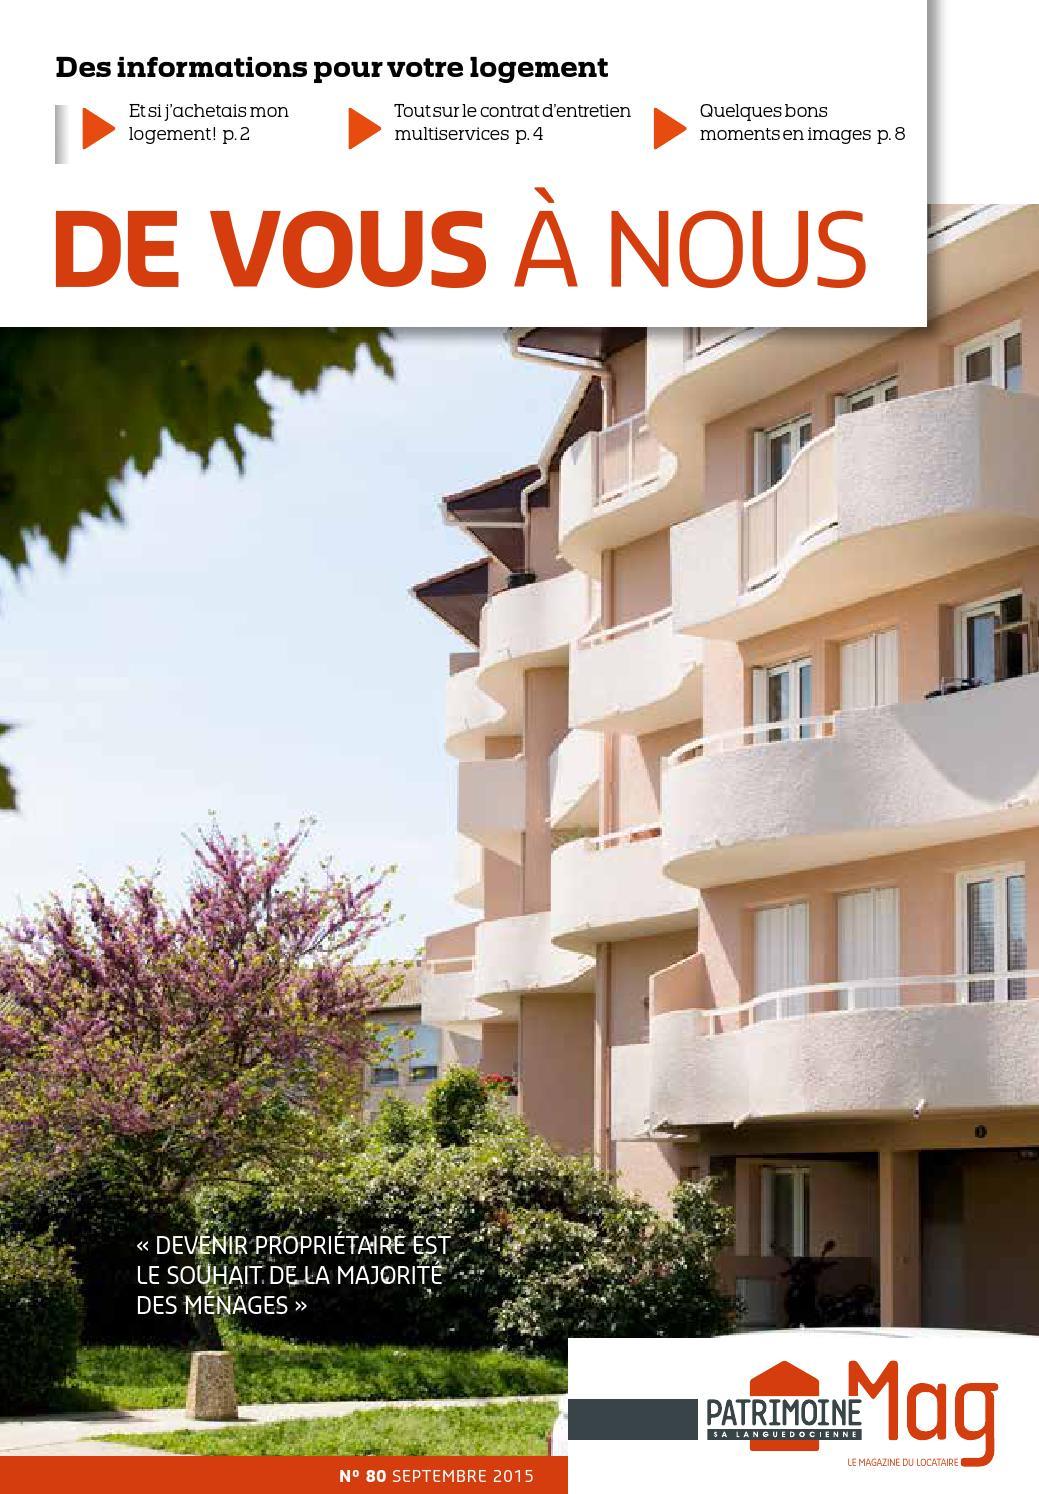 Refaire Salle De Bain Hlm ~ patrimoine sa languedocienne magazine de vous nous n 80 by